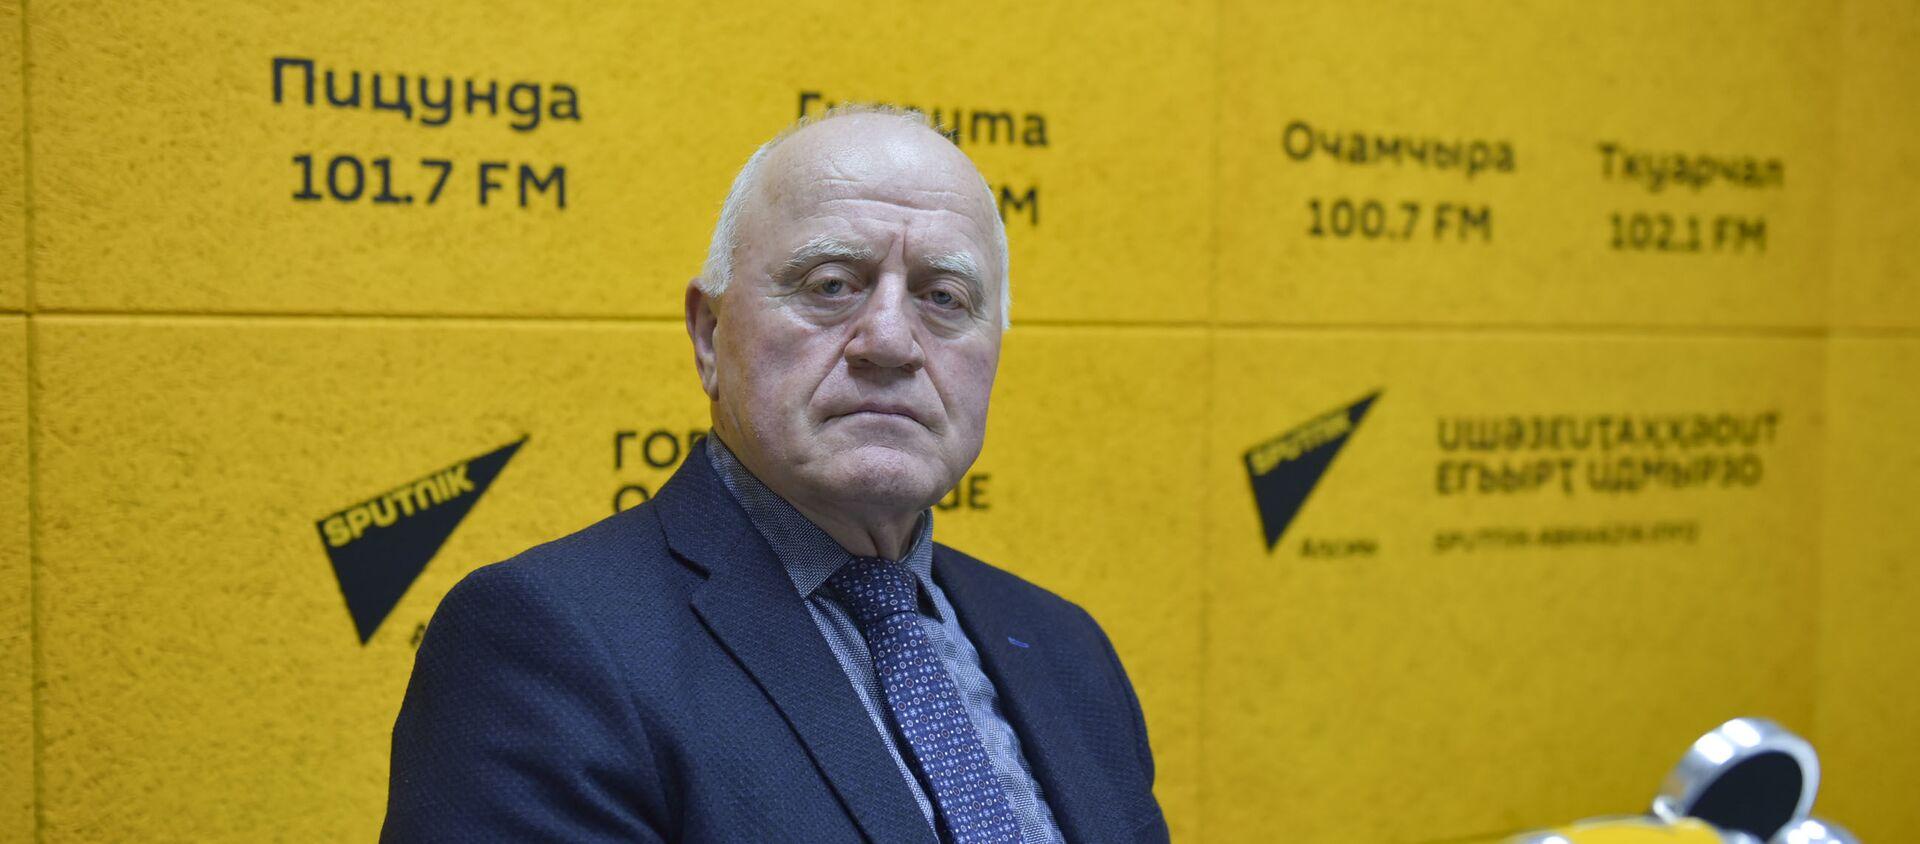 Давид Пилия  - Sputnik Абхазия, 1920, 28.09.2021